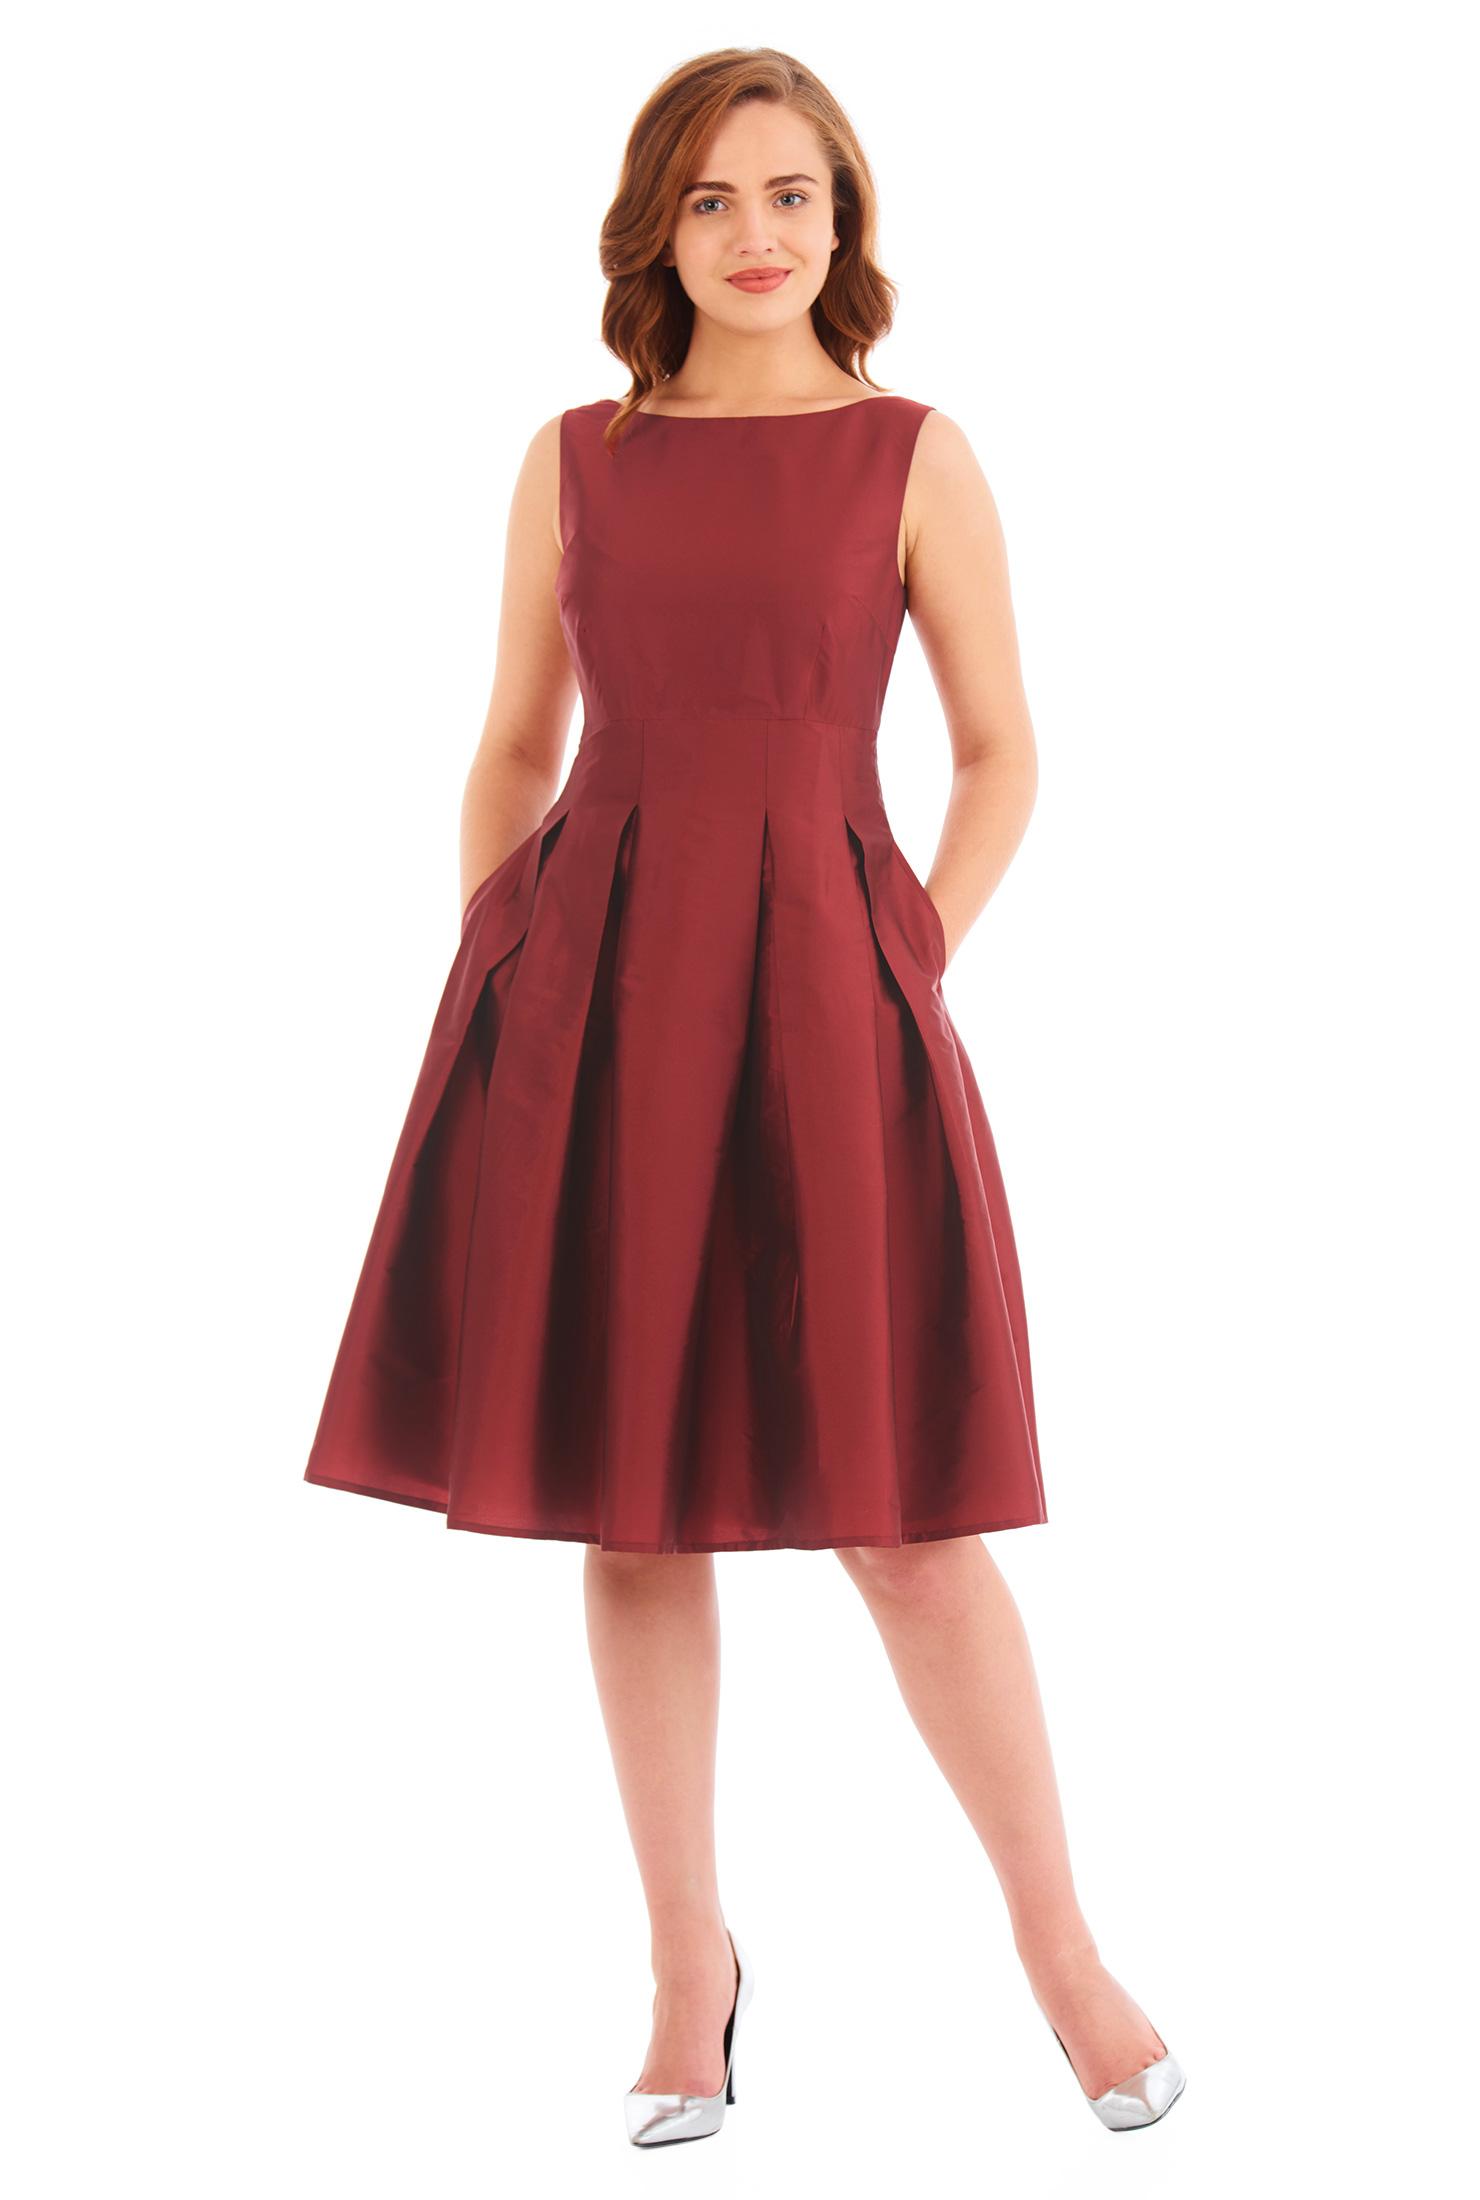 Eshakti Womens Empire A-line Taffeta Dress